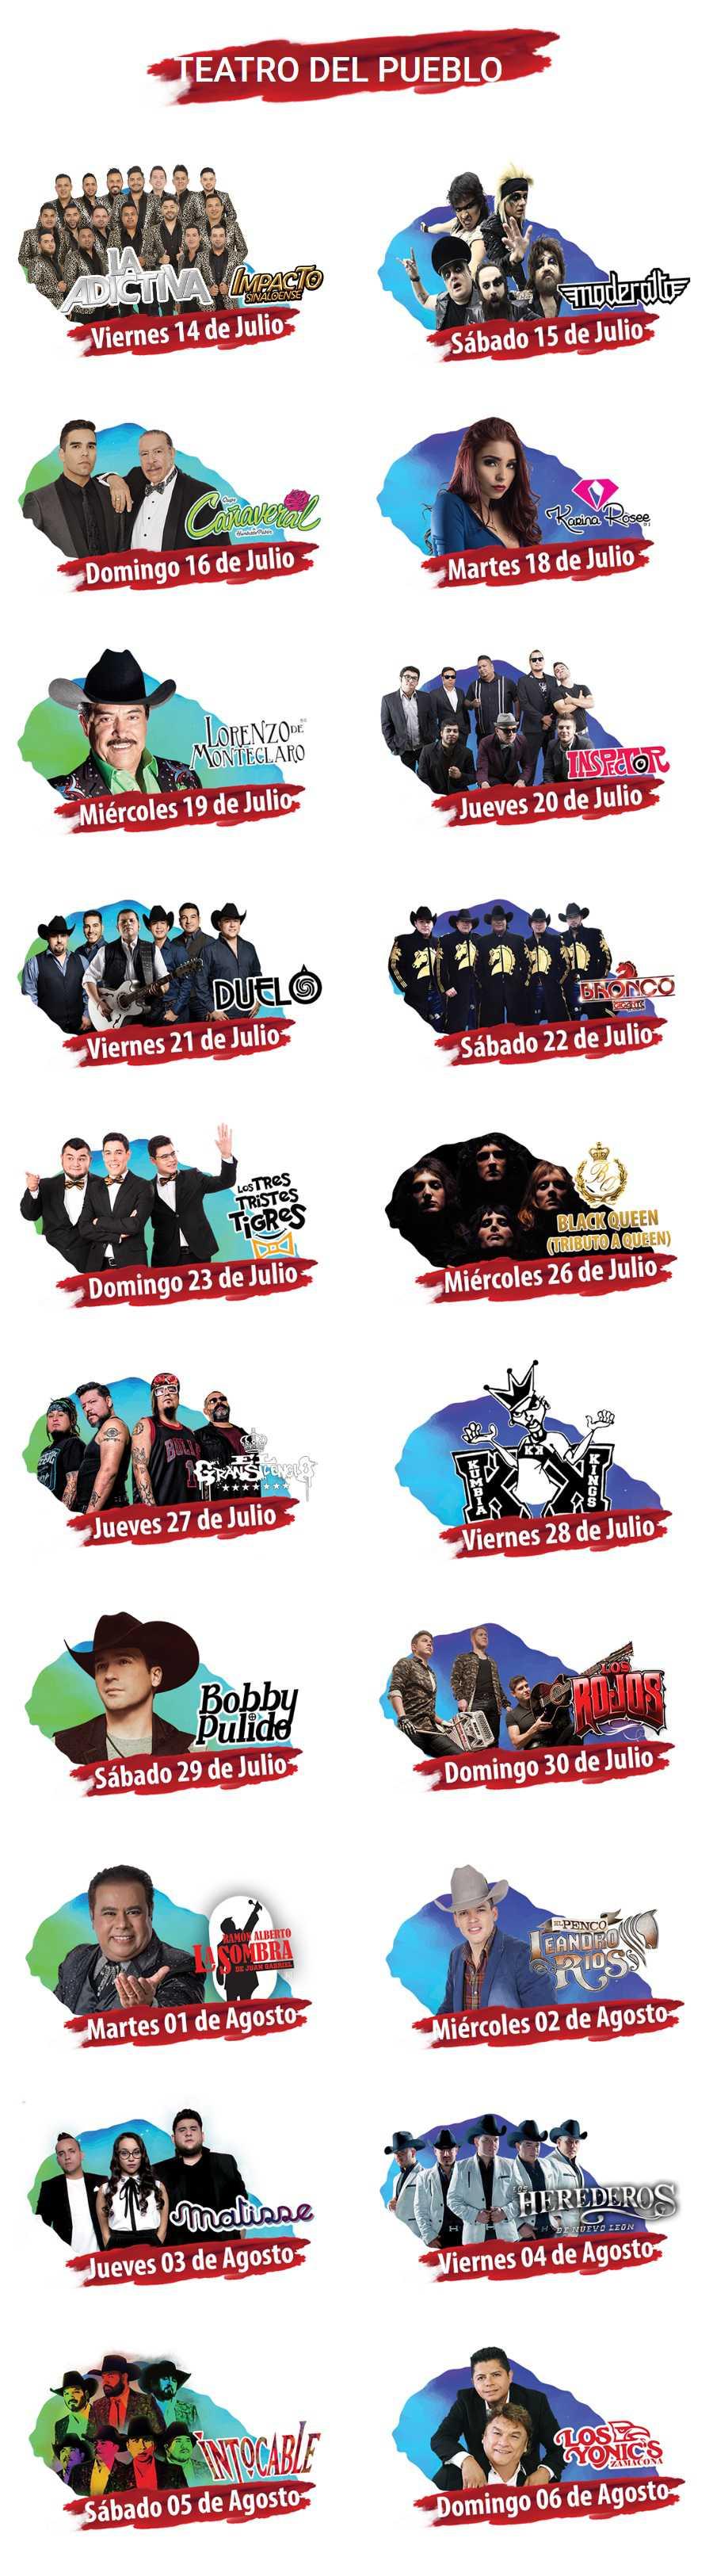 Programa Teatro del Pueblo Feria Saltillo 2017